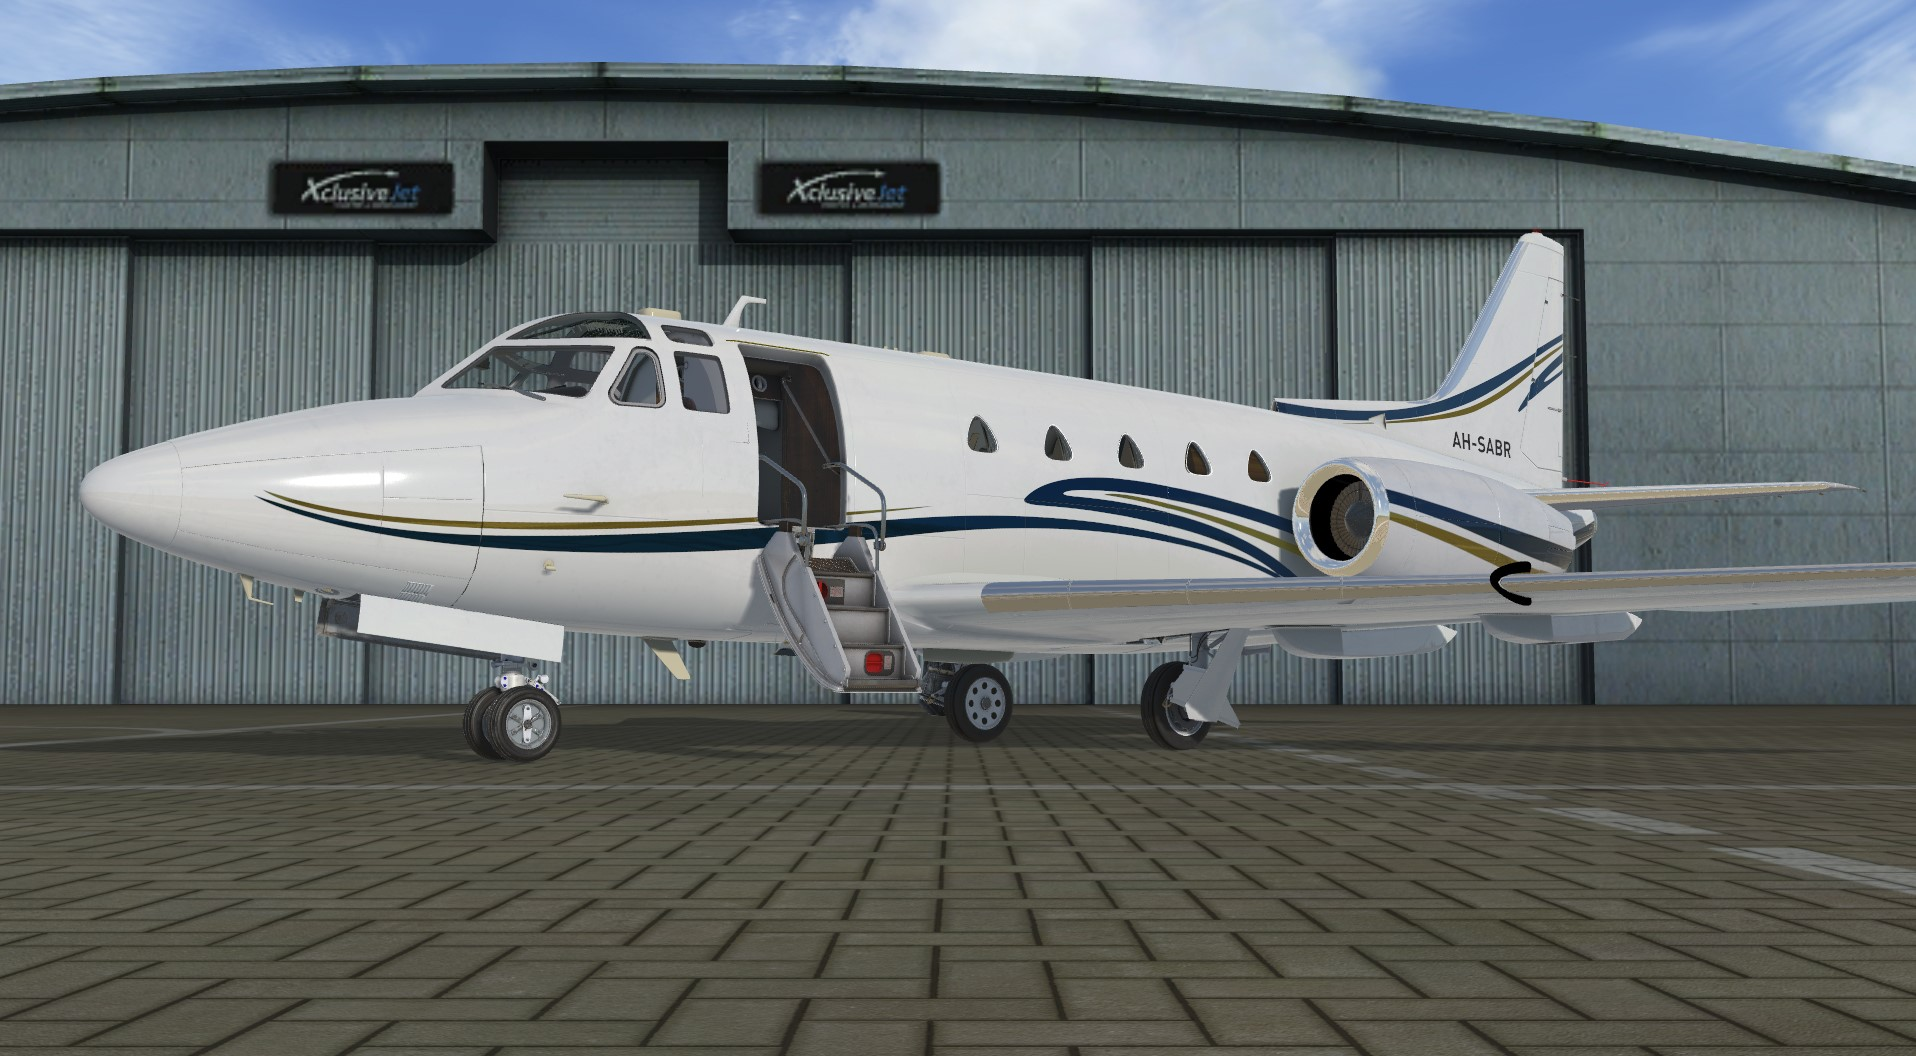 106510188_1905258686279162_7870532078608688681_o Aeroplane Heaven Previews North American Sabreliner